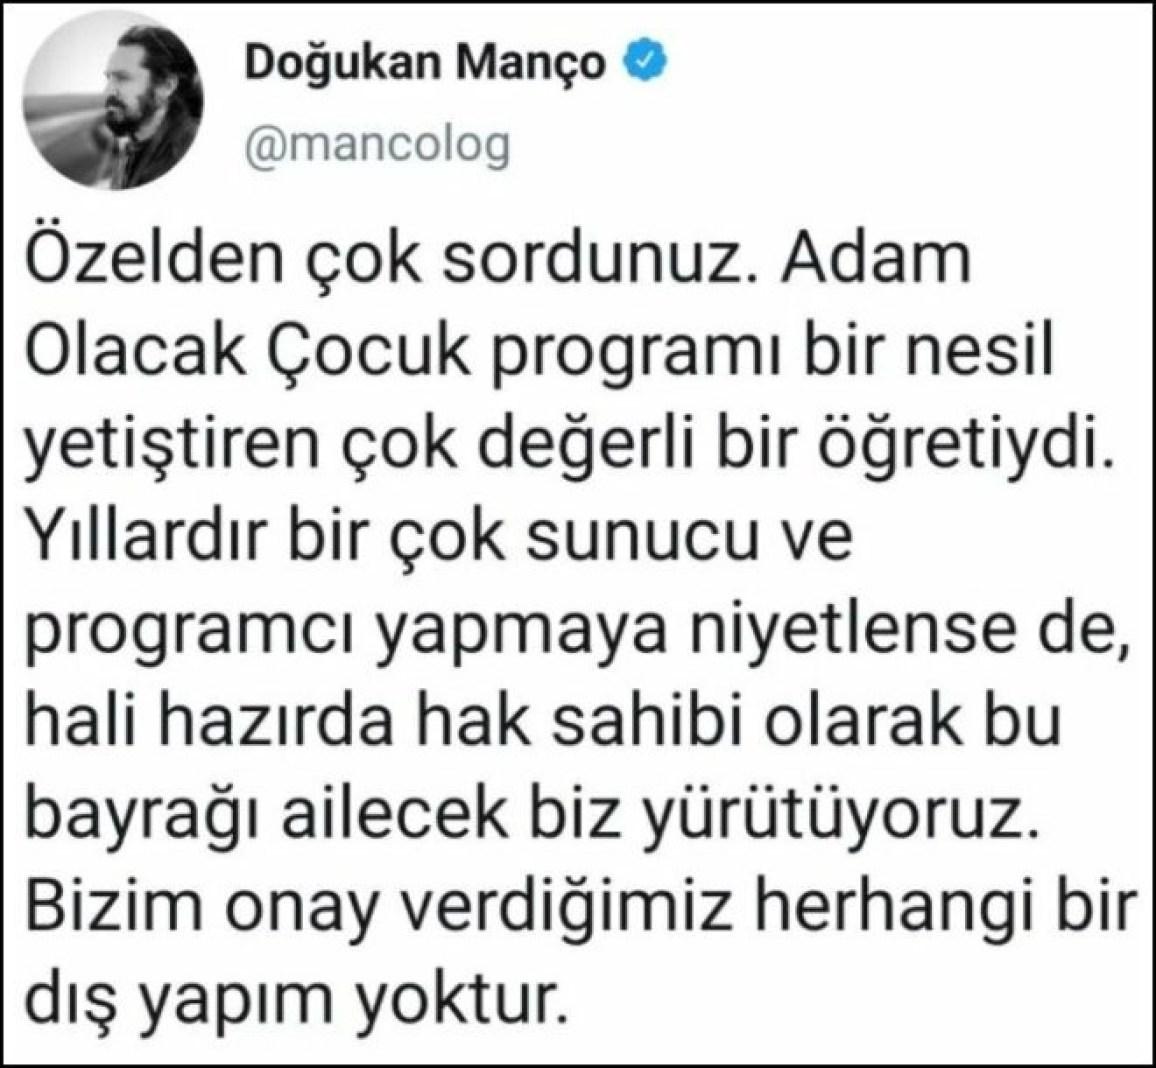 twitter 660x610 1 - Doğukan Manço'dan, Yusuf Güney'e yanıt: Kimseye onay vermedik!